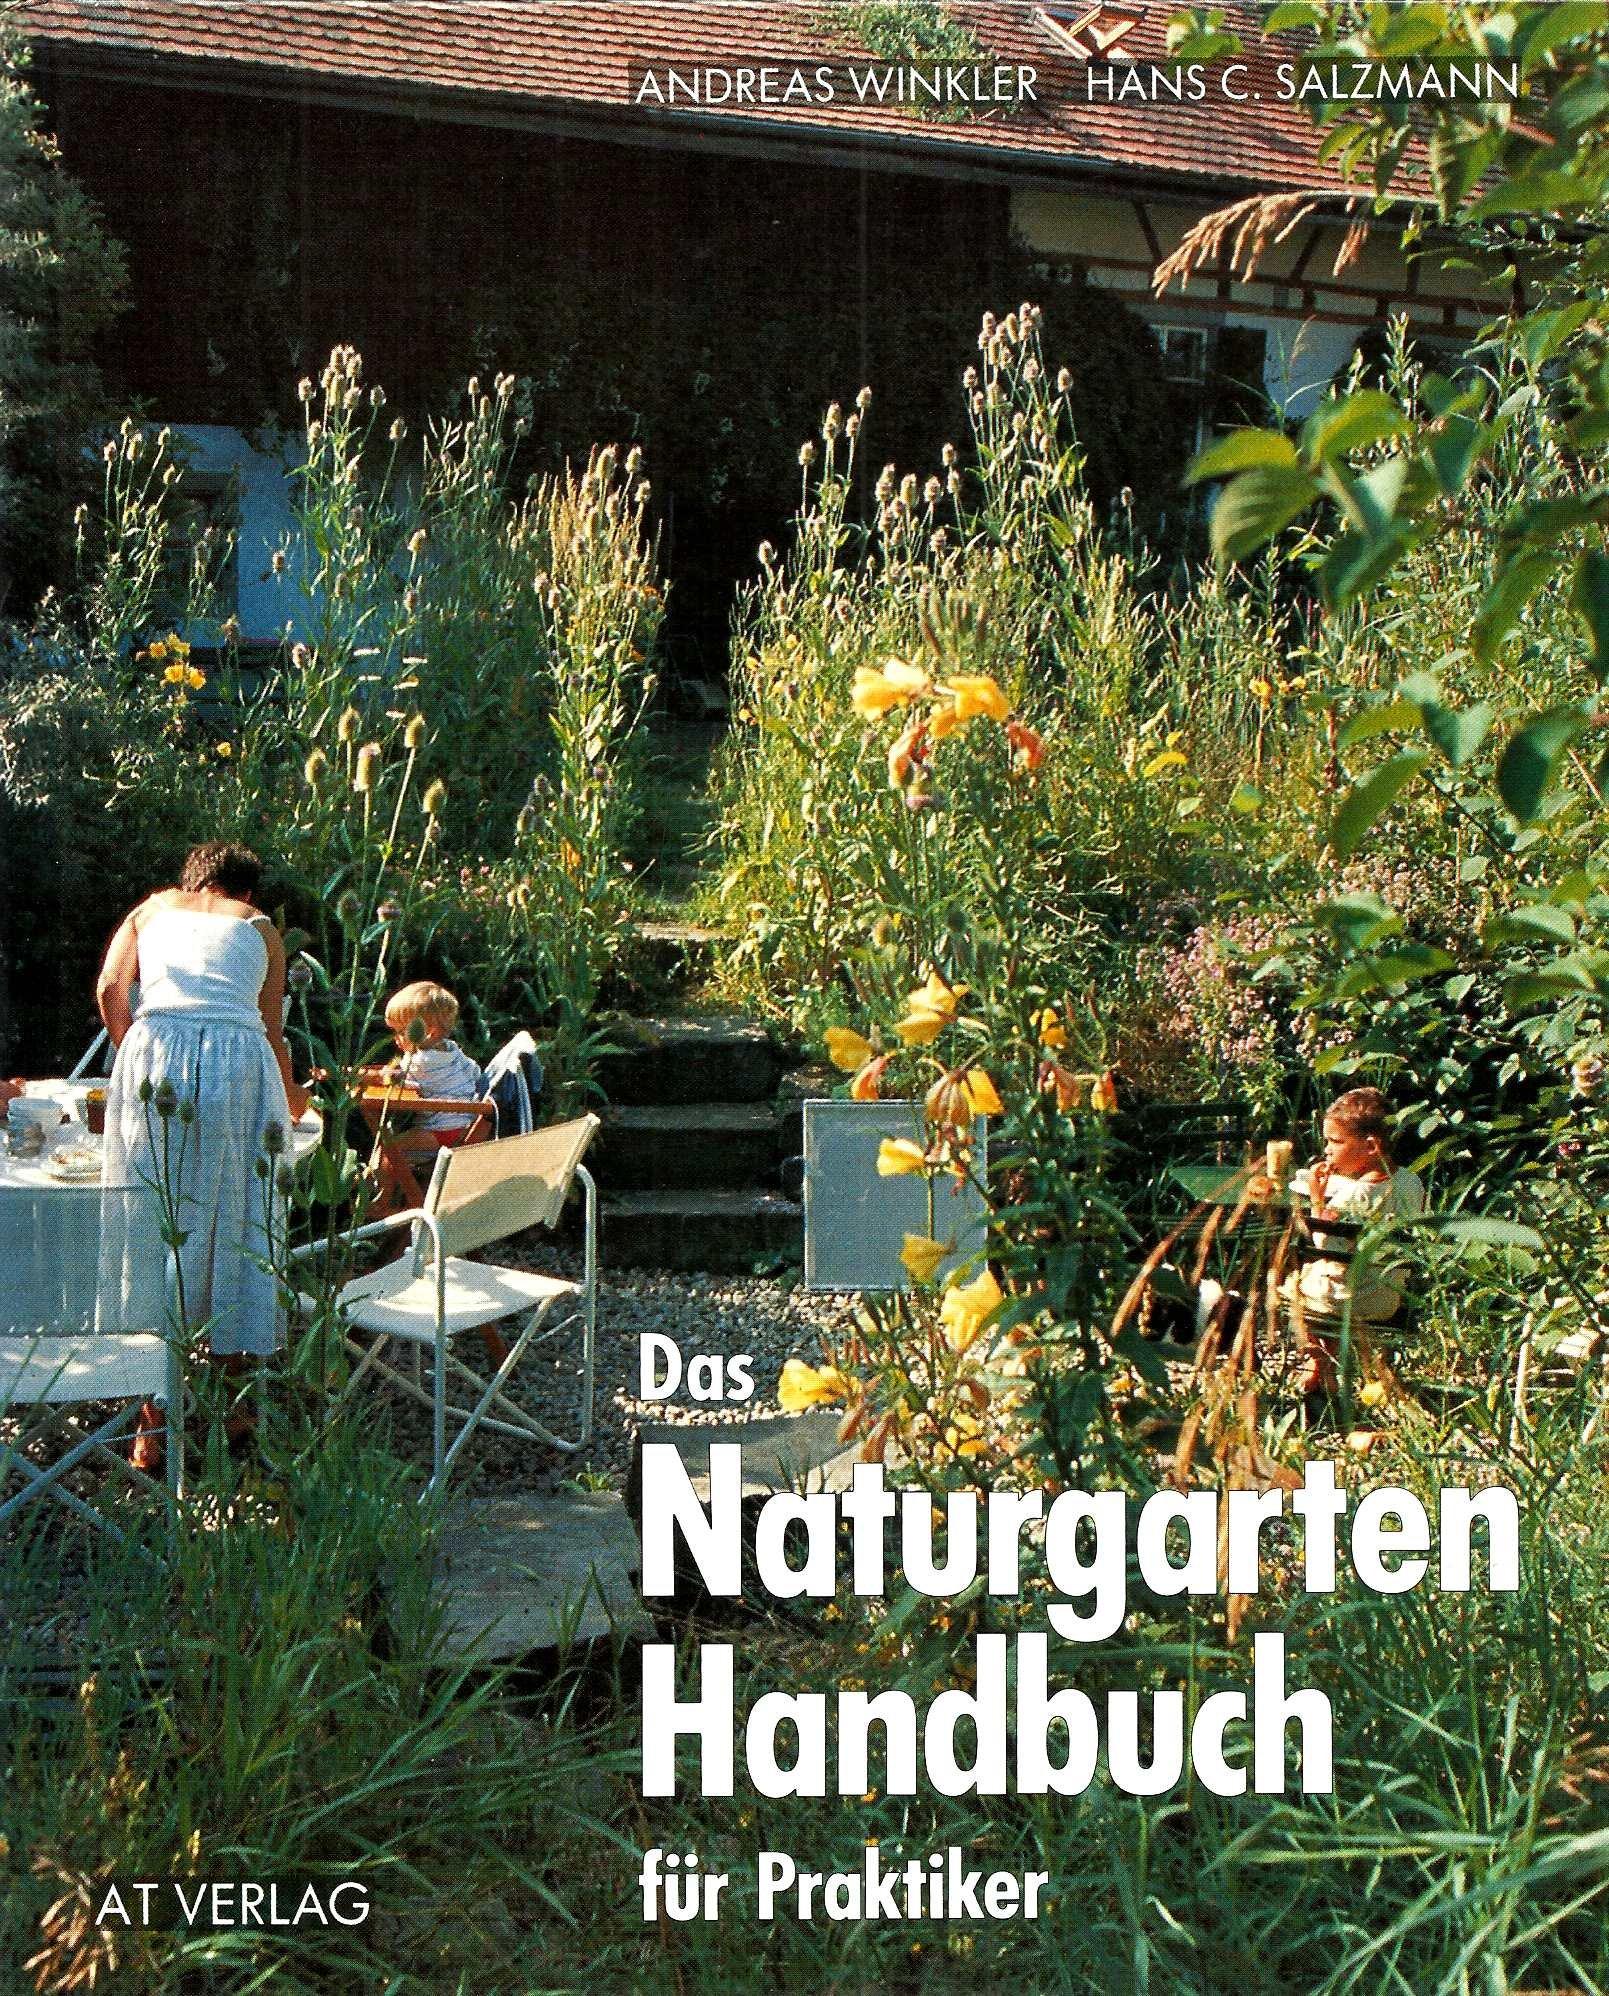 Das Naturgarten Handbuch Für Praktiker Amazonde Andreas Winkler